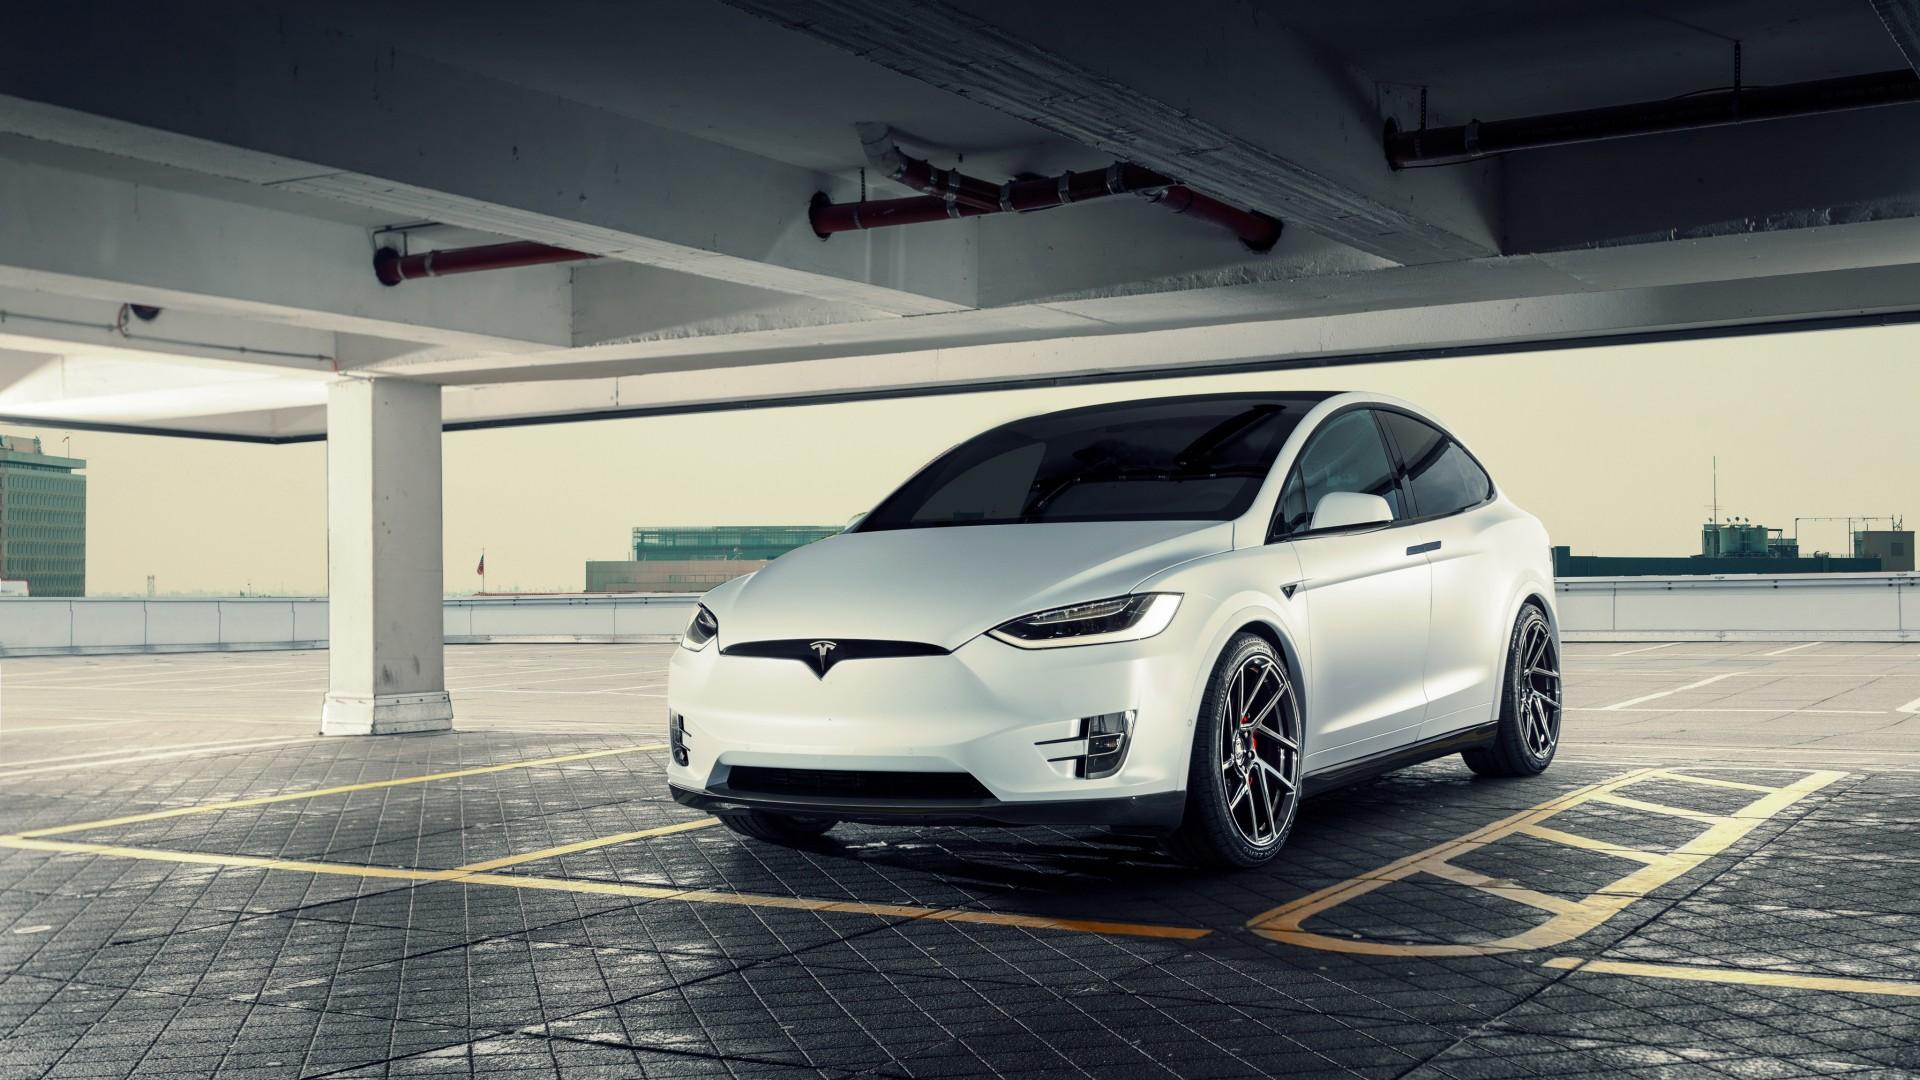 Golf Wallpaper Iphone 6 2017 Novitec Tesla Model X Wallpaper Hd Car Wallpapers